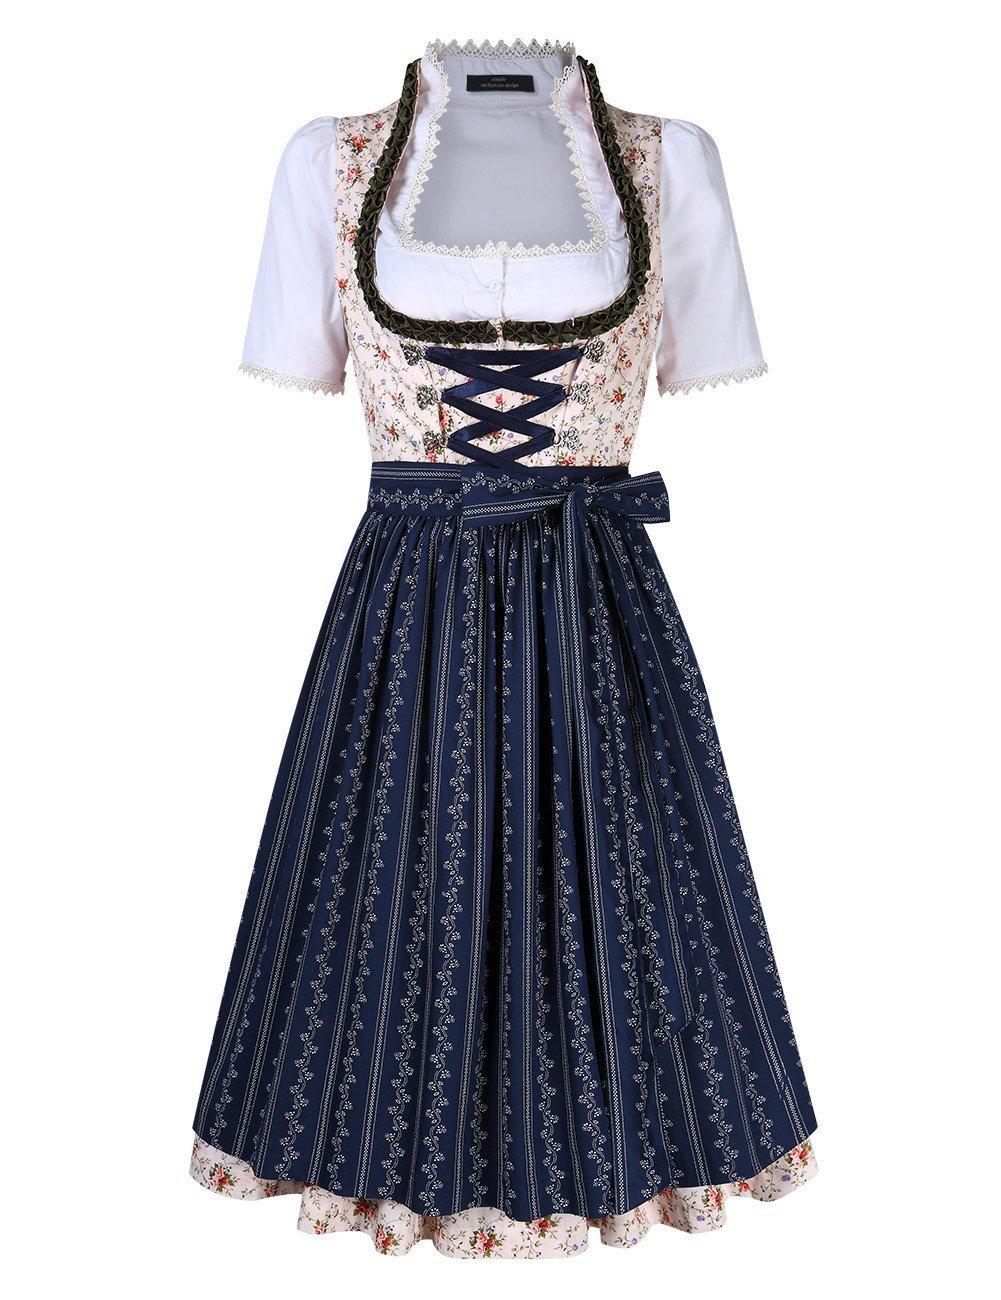 Leoie Women's Floral Criss- Cross Tie Layered Casual Dresses Suit for Oktoberfest by Leoie